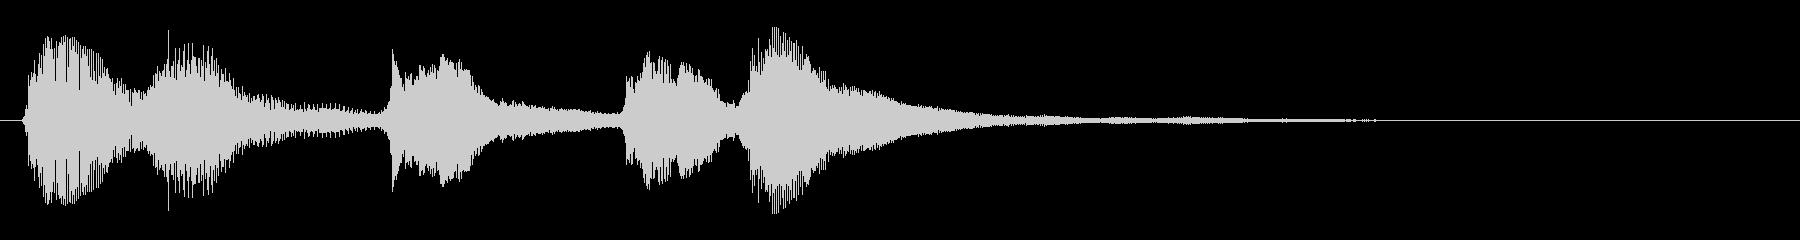 可愛いサウンドロゴ の未再生の波形